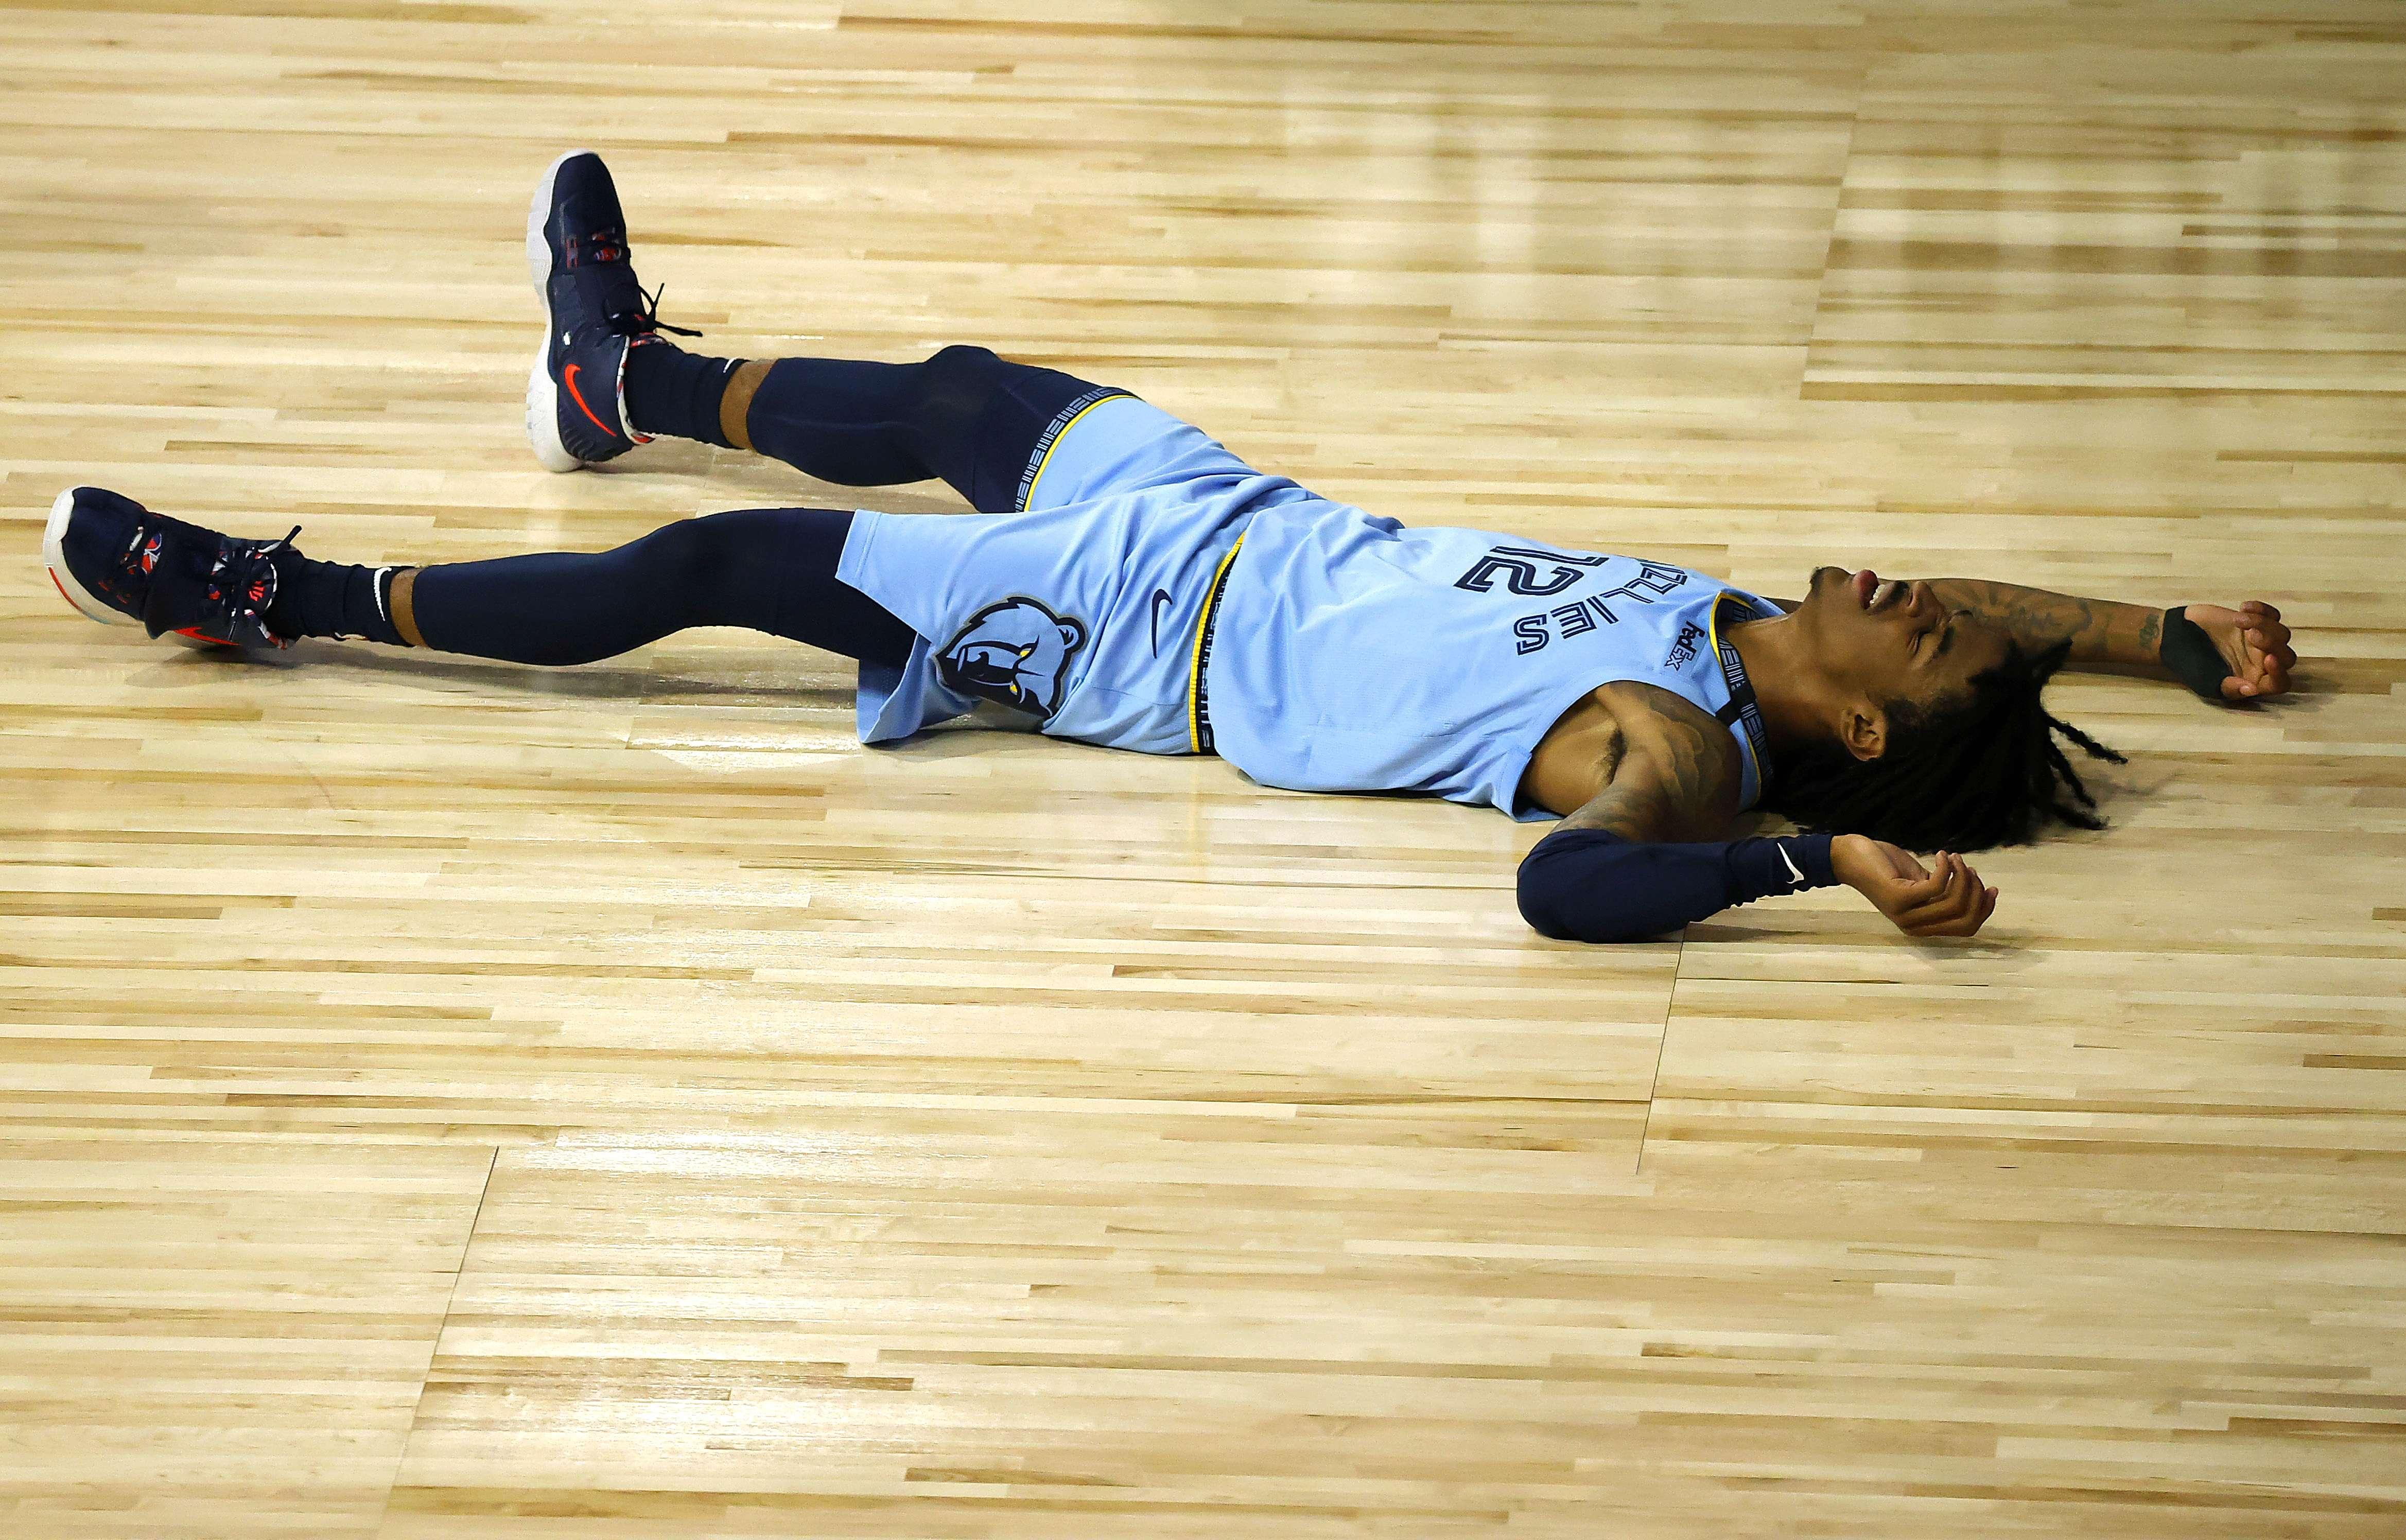 """Daudz aprunātais un kritizētais NBA """"play-in"""" turnīrs"""